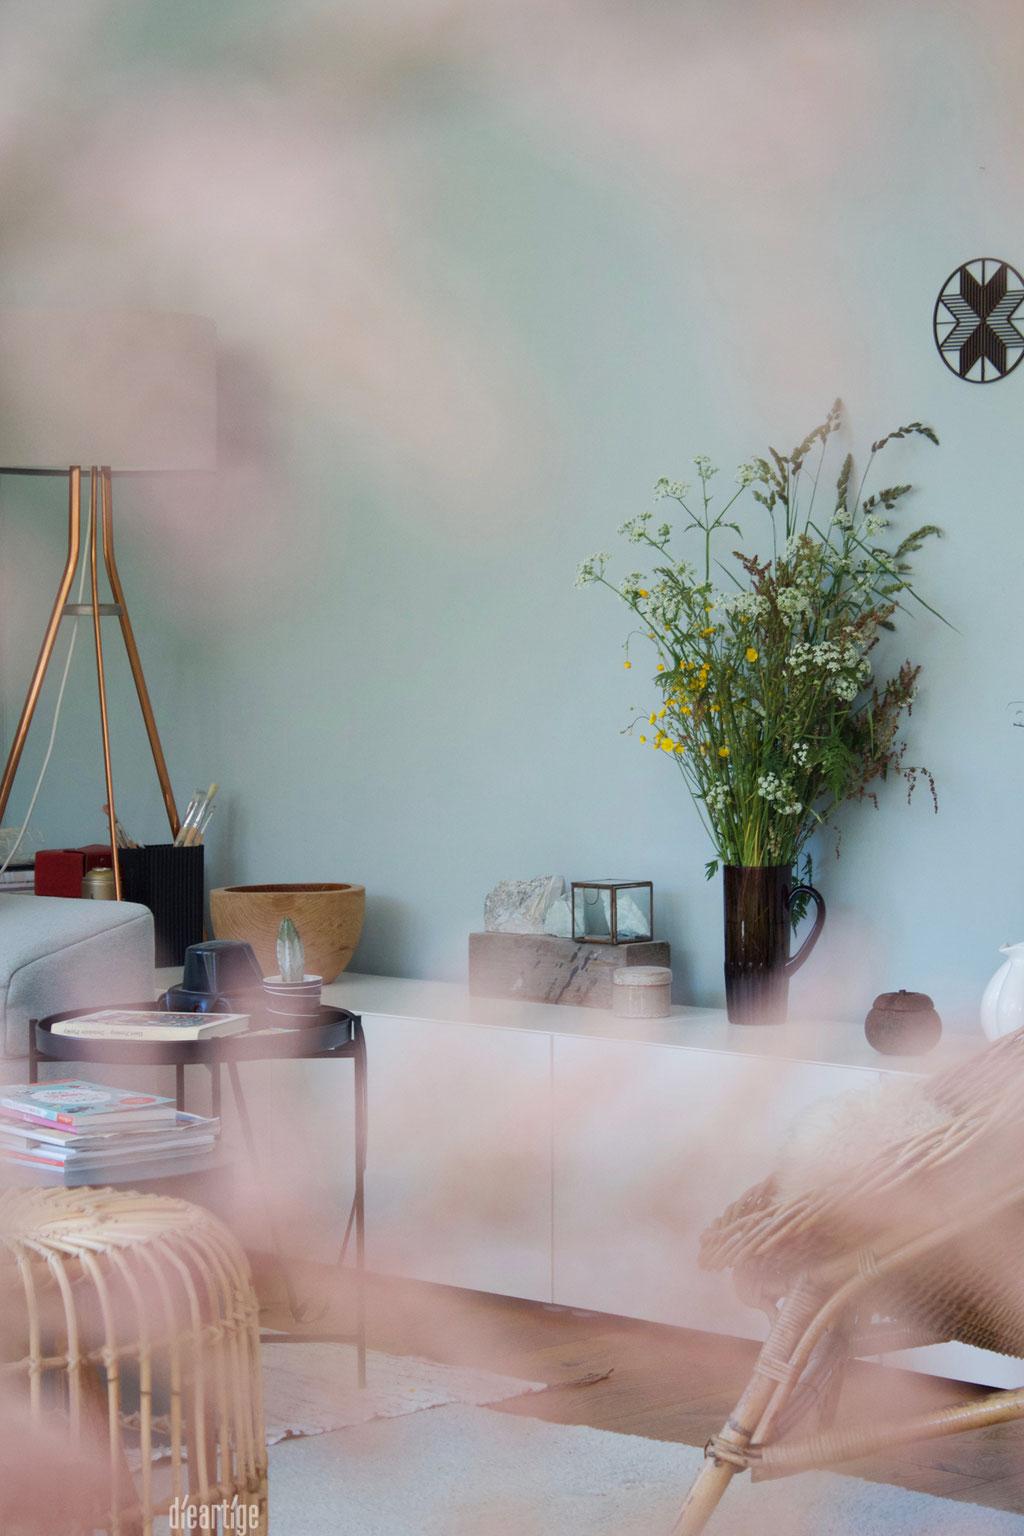 dieartigeBLOG - Tamariske mit Durchblick in den Wohnbereich